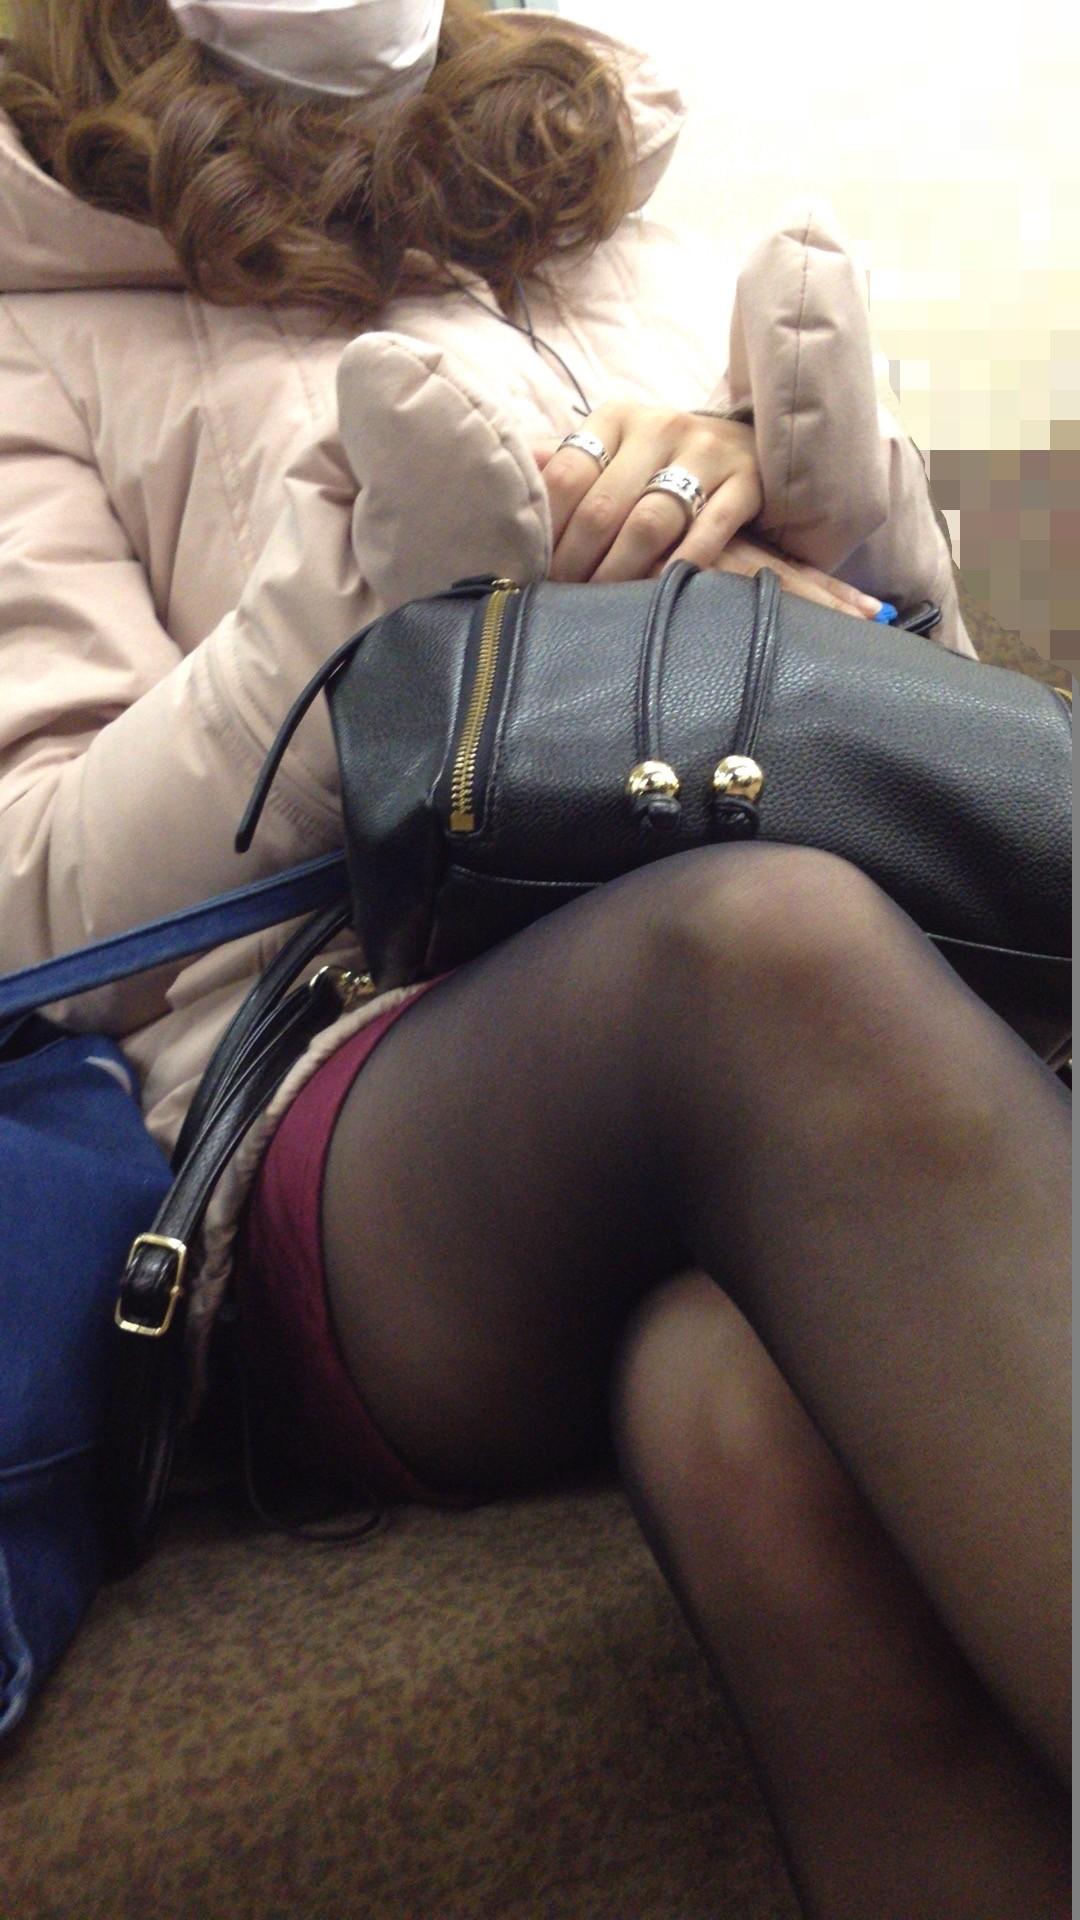 【おっぱい】電車で無防備になってしまう最近の女の子の胸チラ風景まとめ【31枚】 31